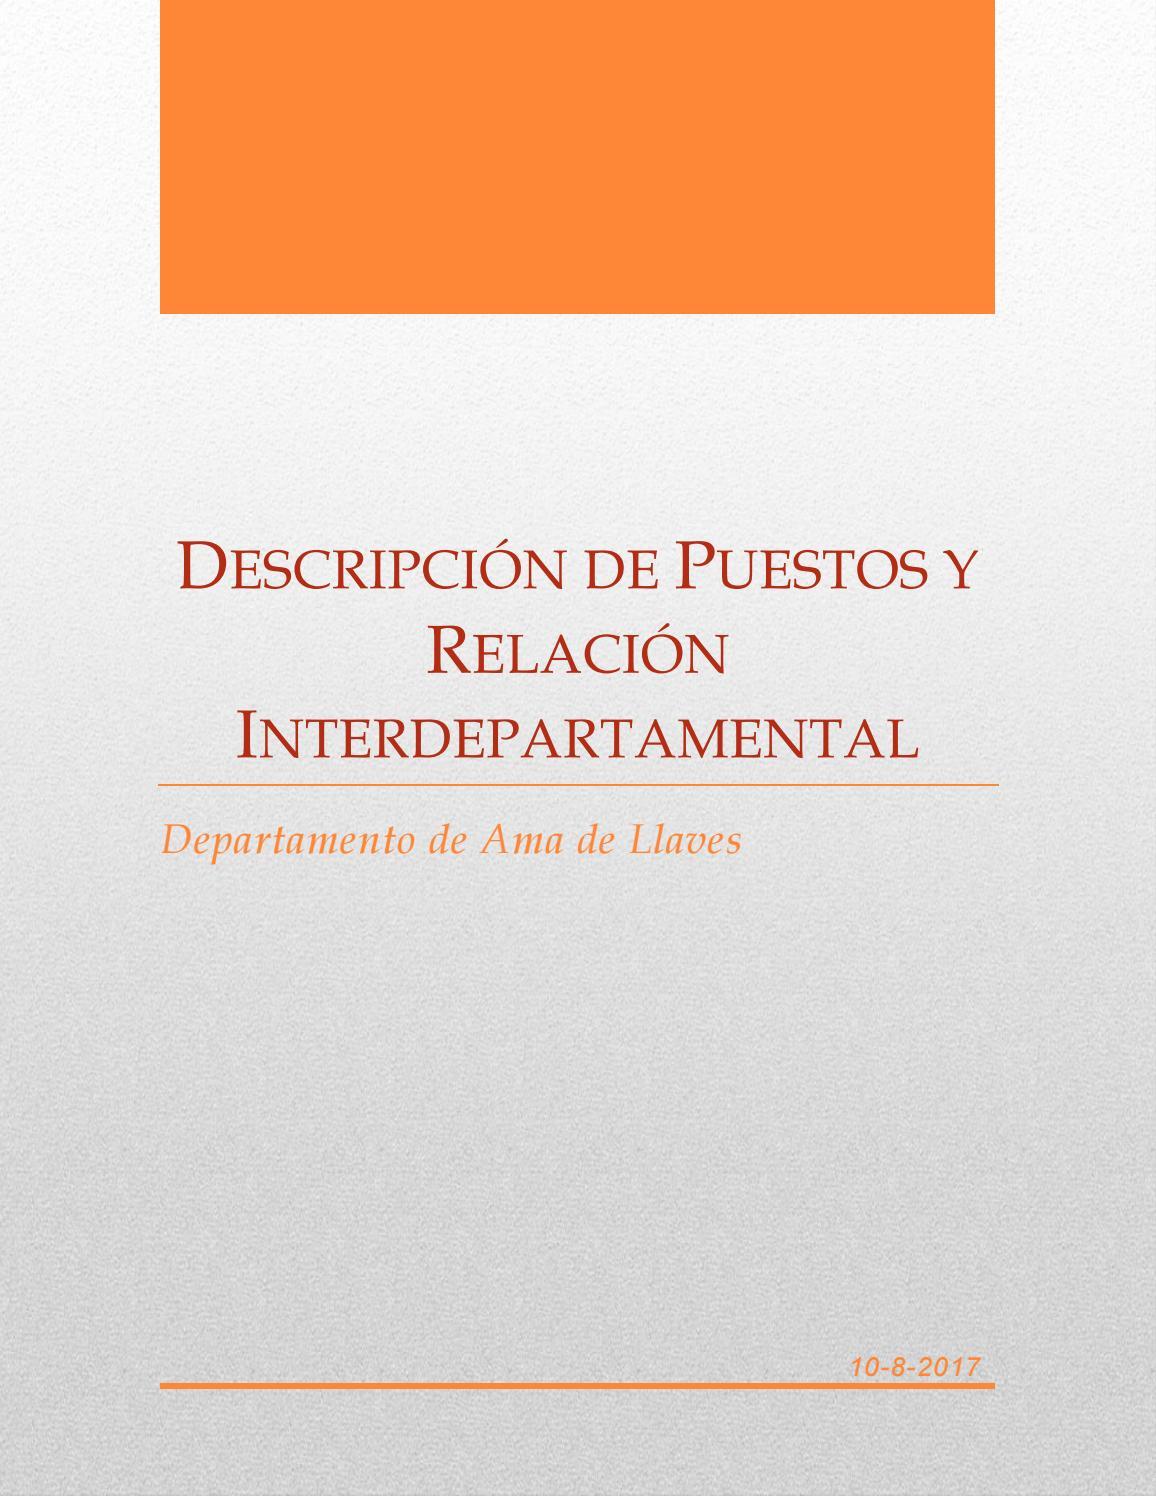 Descripcion de puestos y relación interdepartamental del ...